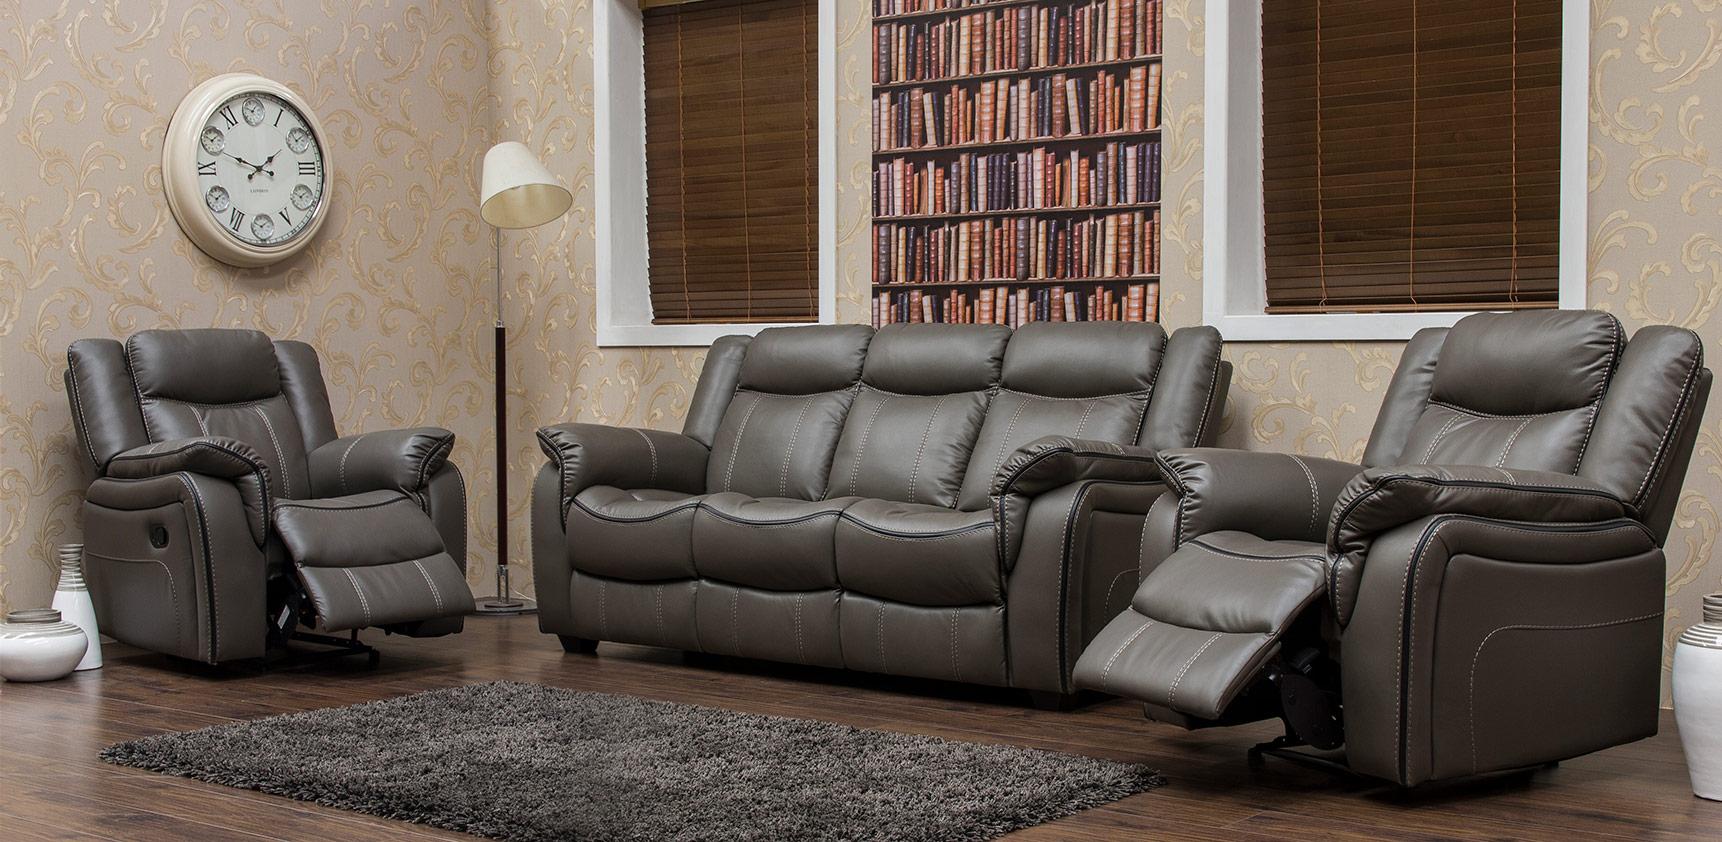 Caffreys Furniture Brooklyn-Leather-Look---Grey---3-+-1-+-1-a